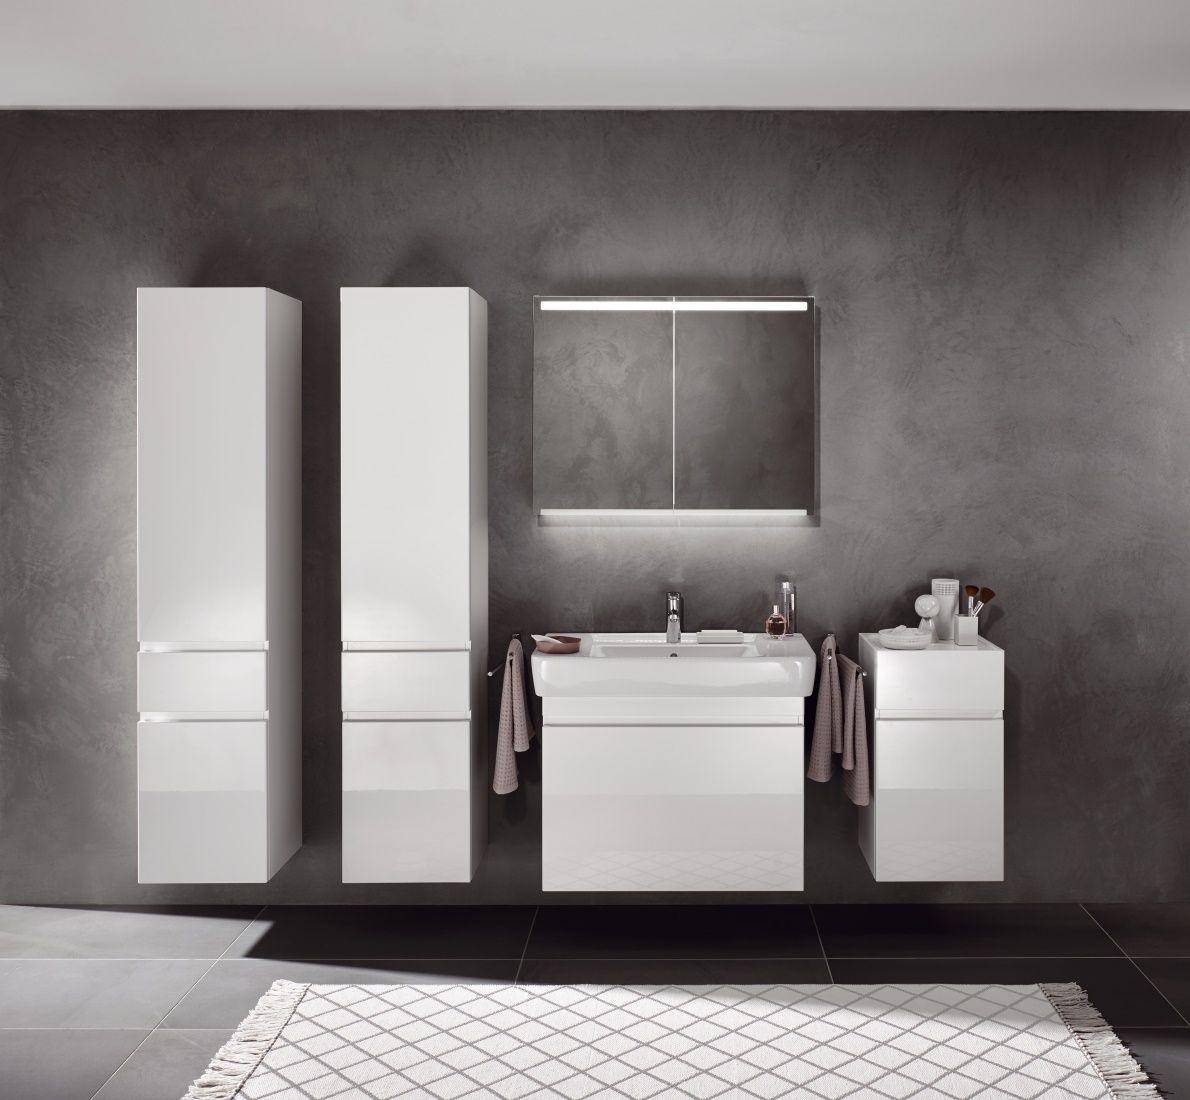 Hoge kasten voor badkamer, wastafel, onderkast voor wastafel en ...